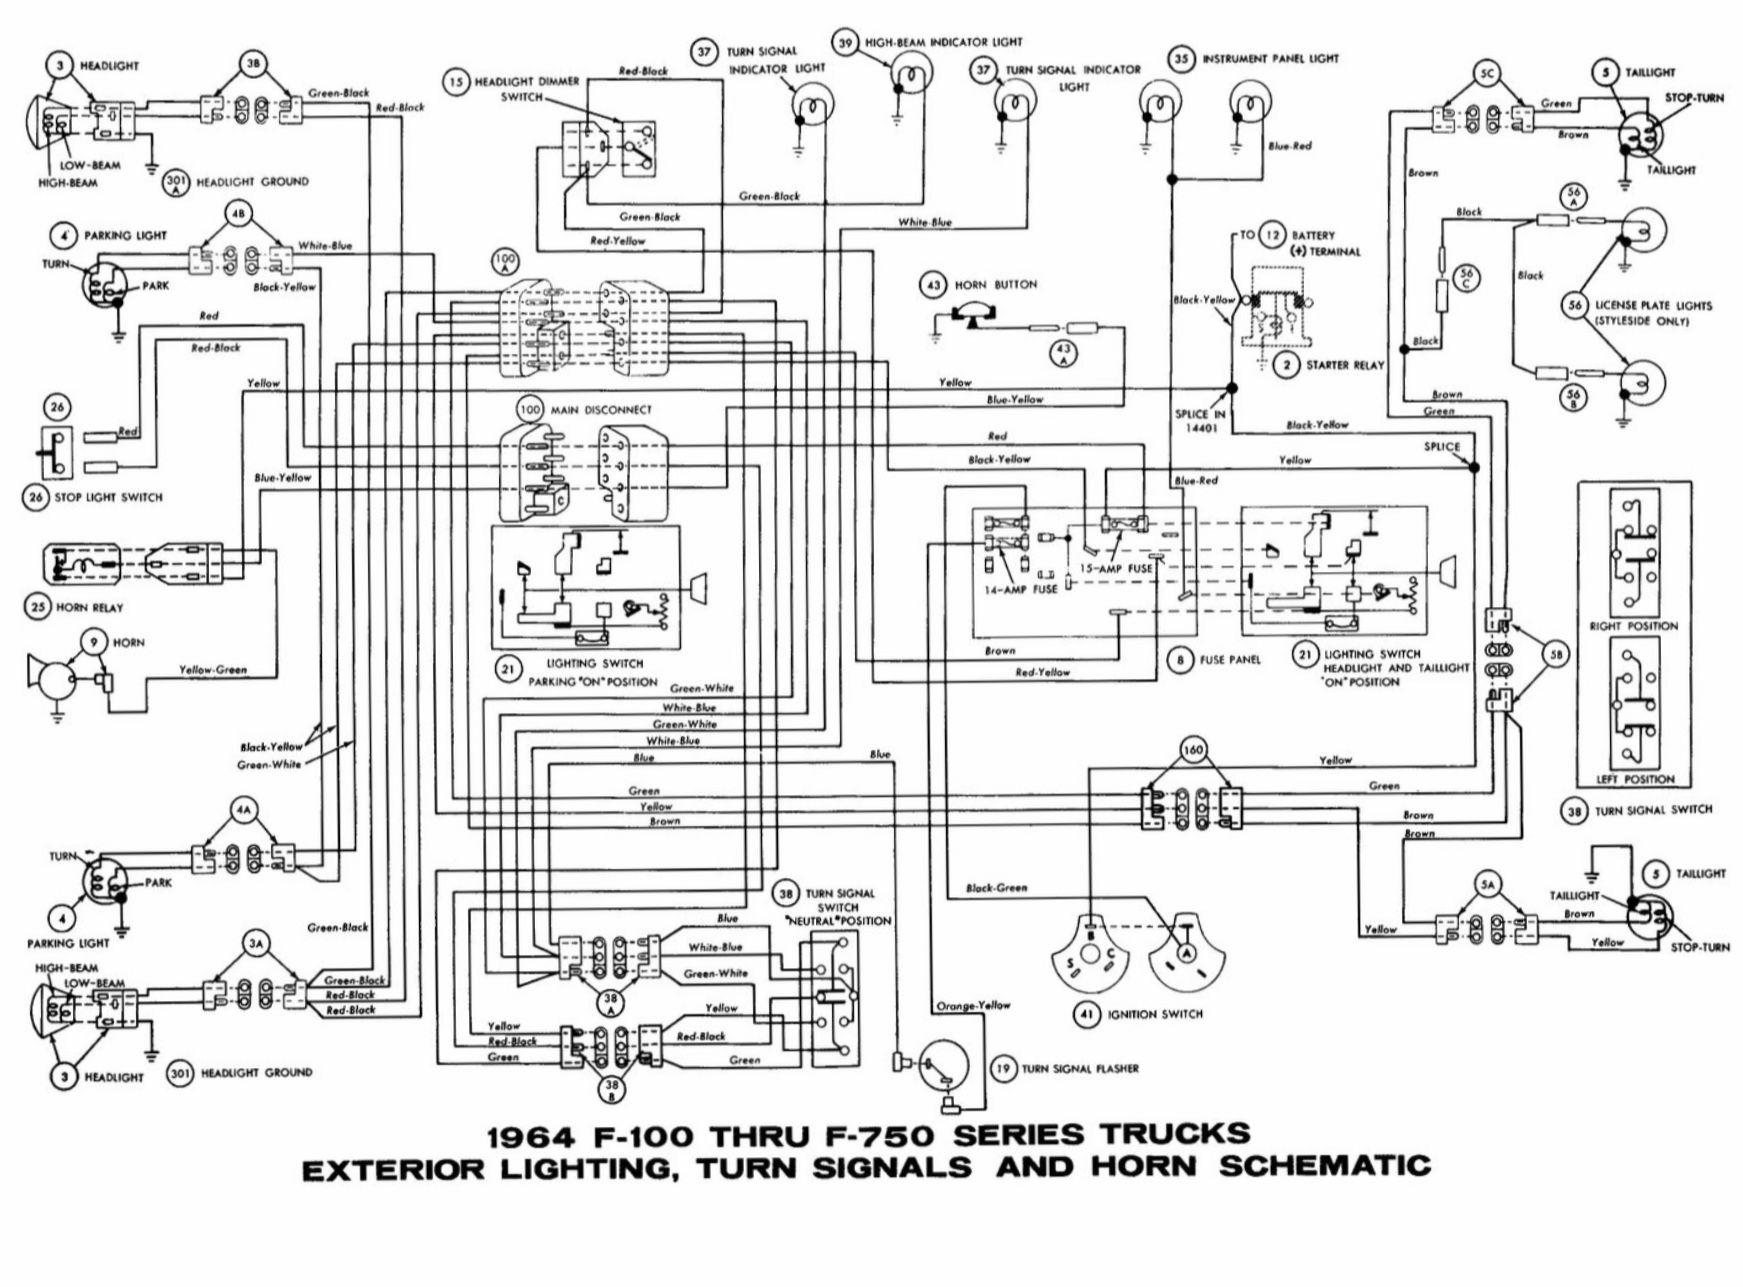 Pin By Samantha Unverferth Urban On 65 F100 Diagram Wiring Diagram Kenworth